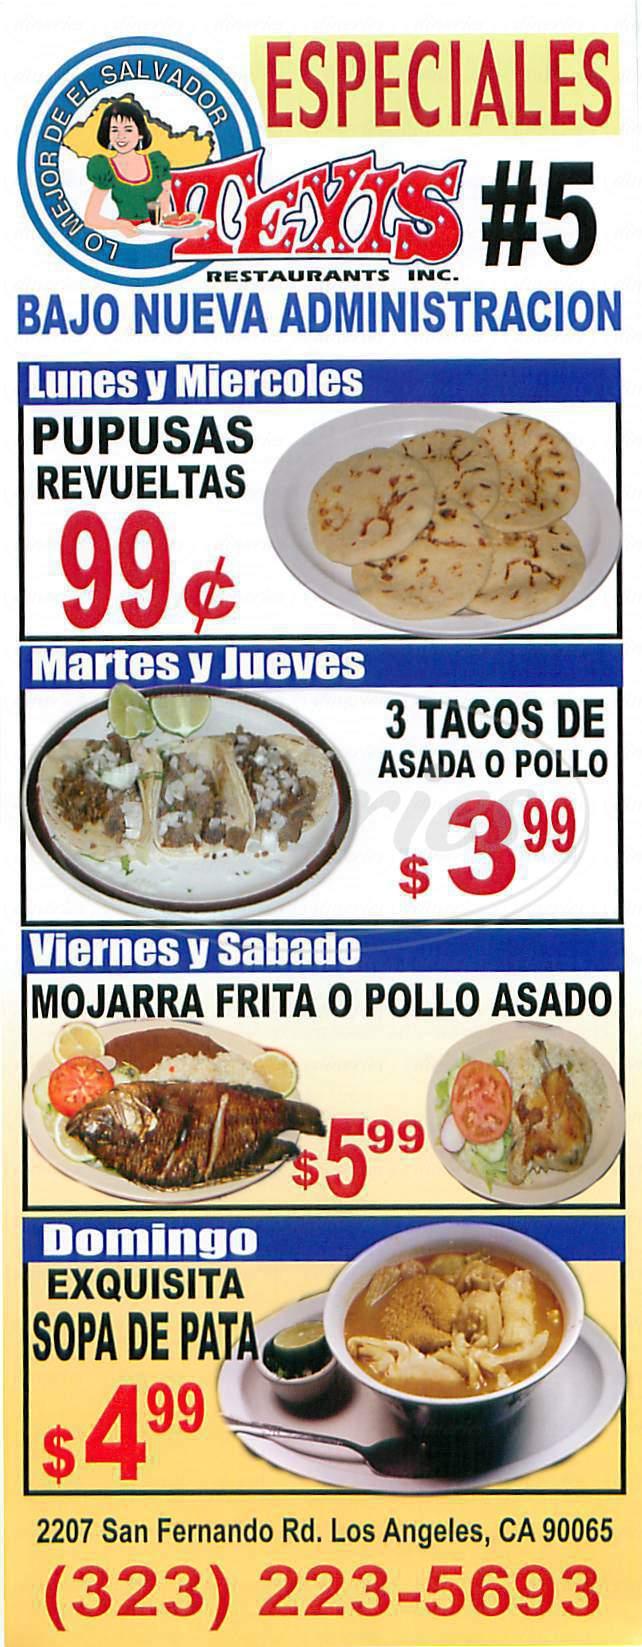 menu for Lo Mejor De El Salvador